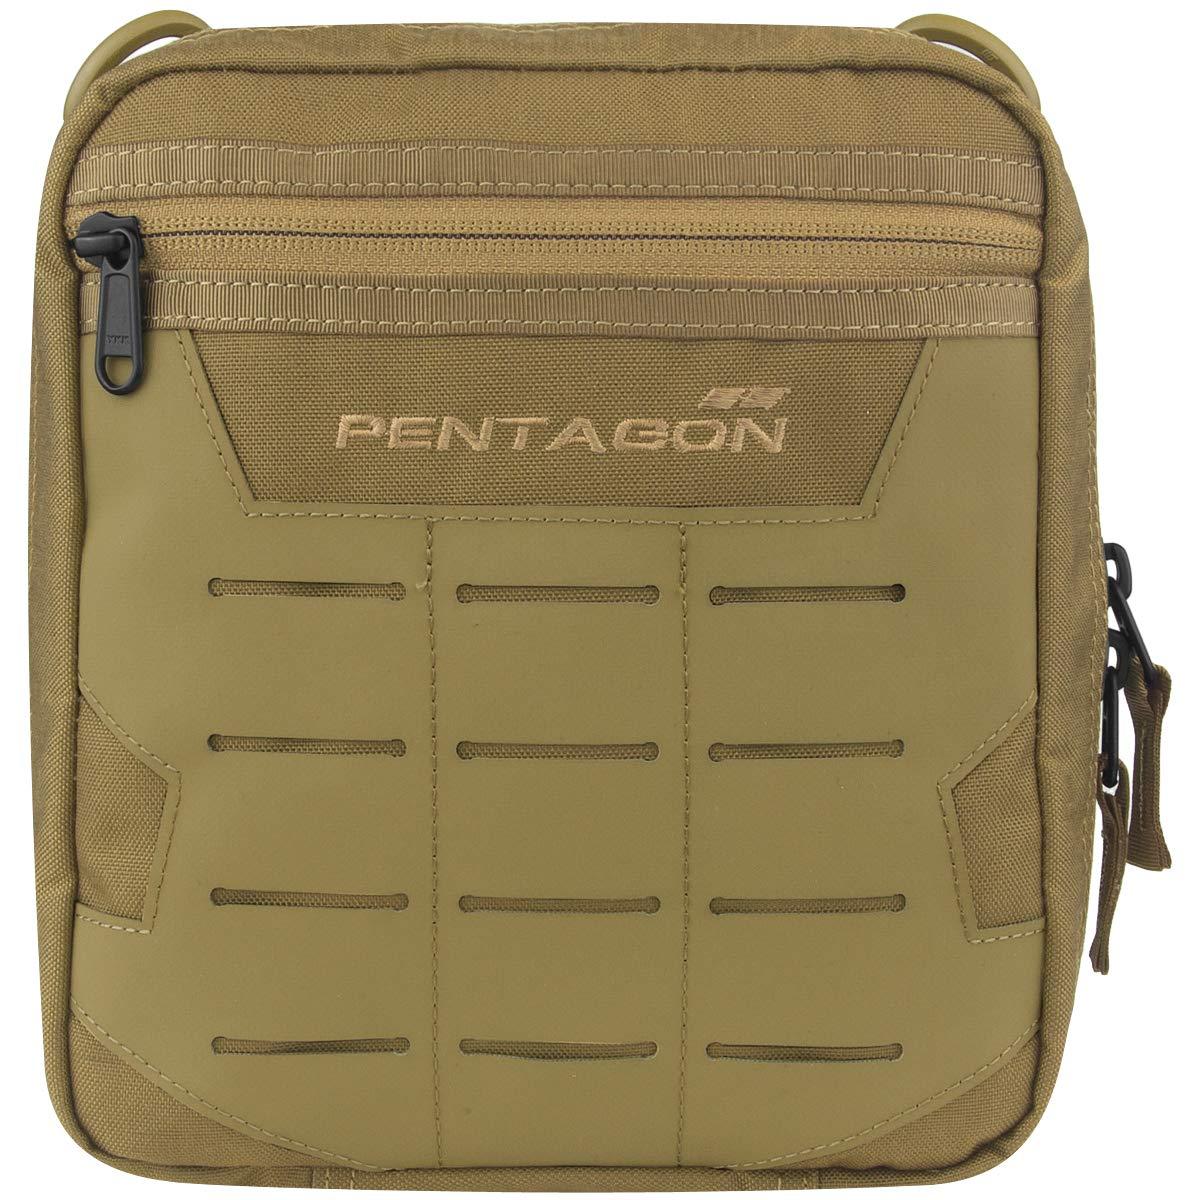 Pentagon EDC 2.0 Pochette Coyote